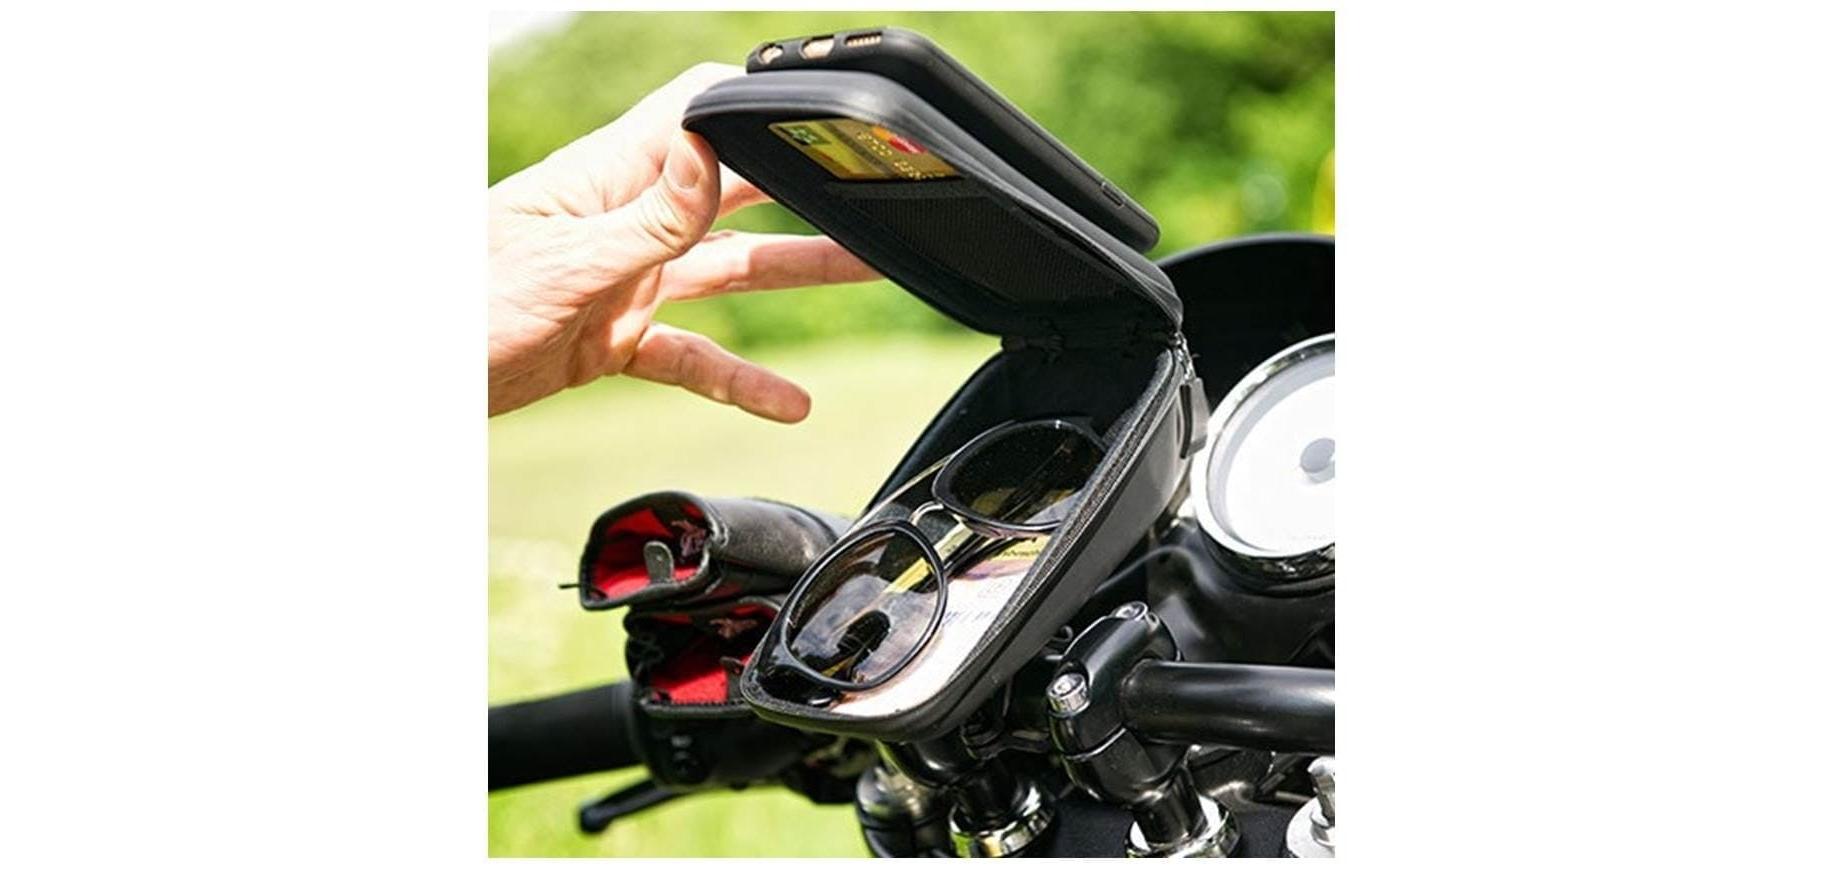 Кейс для велосипеда с держателем для смартфона SP Wedge Case Set внутреннее пространство